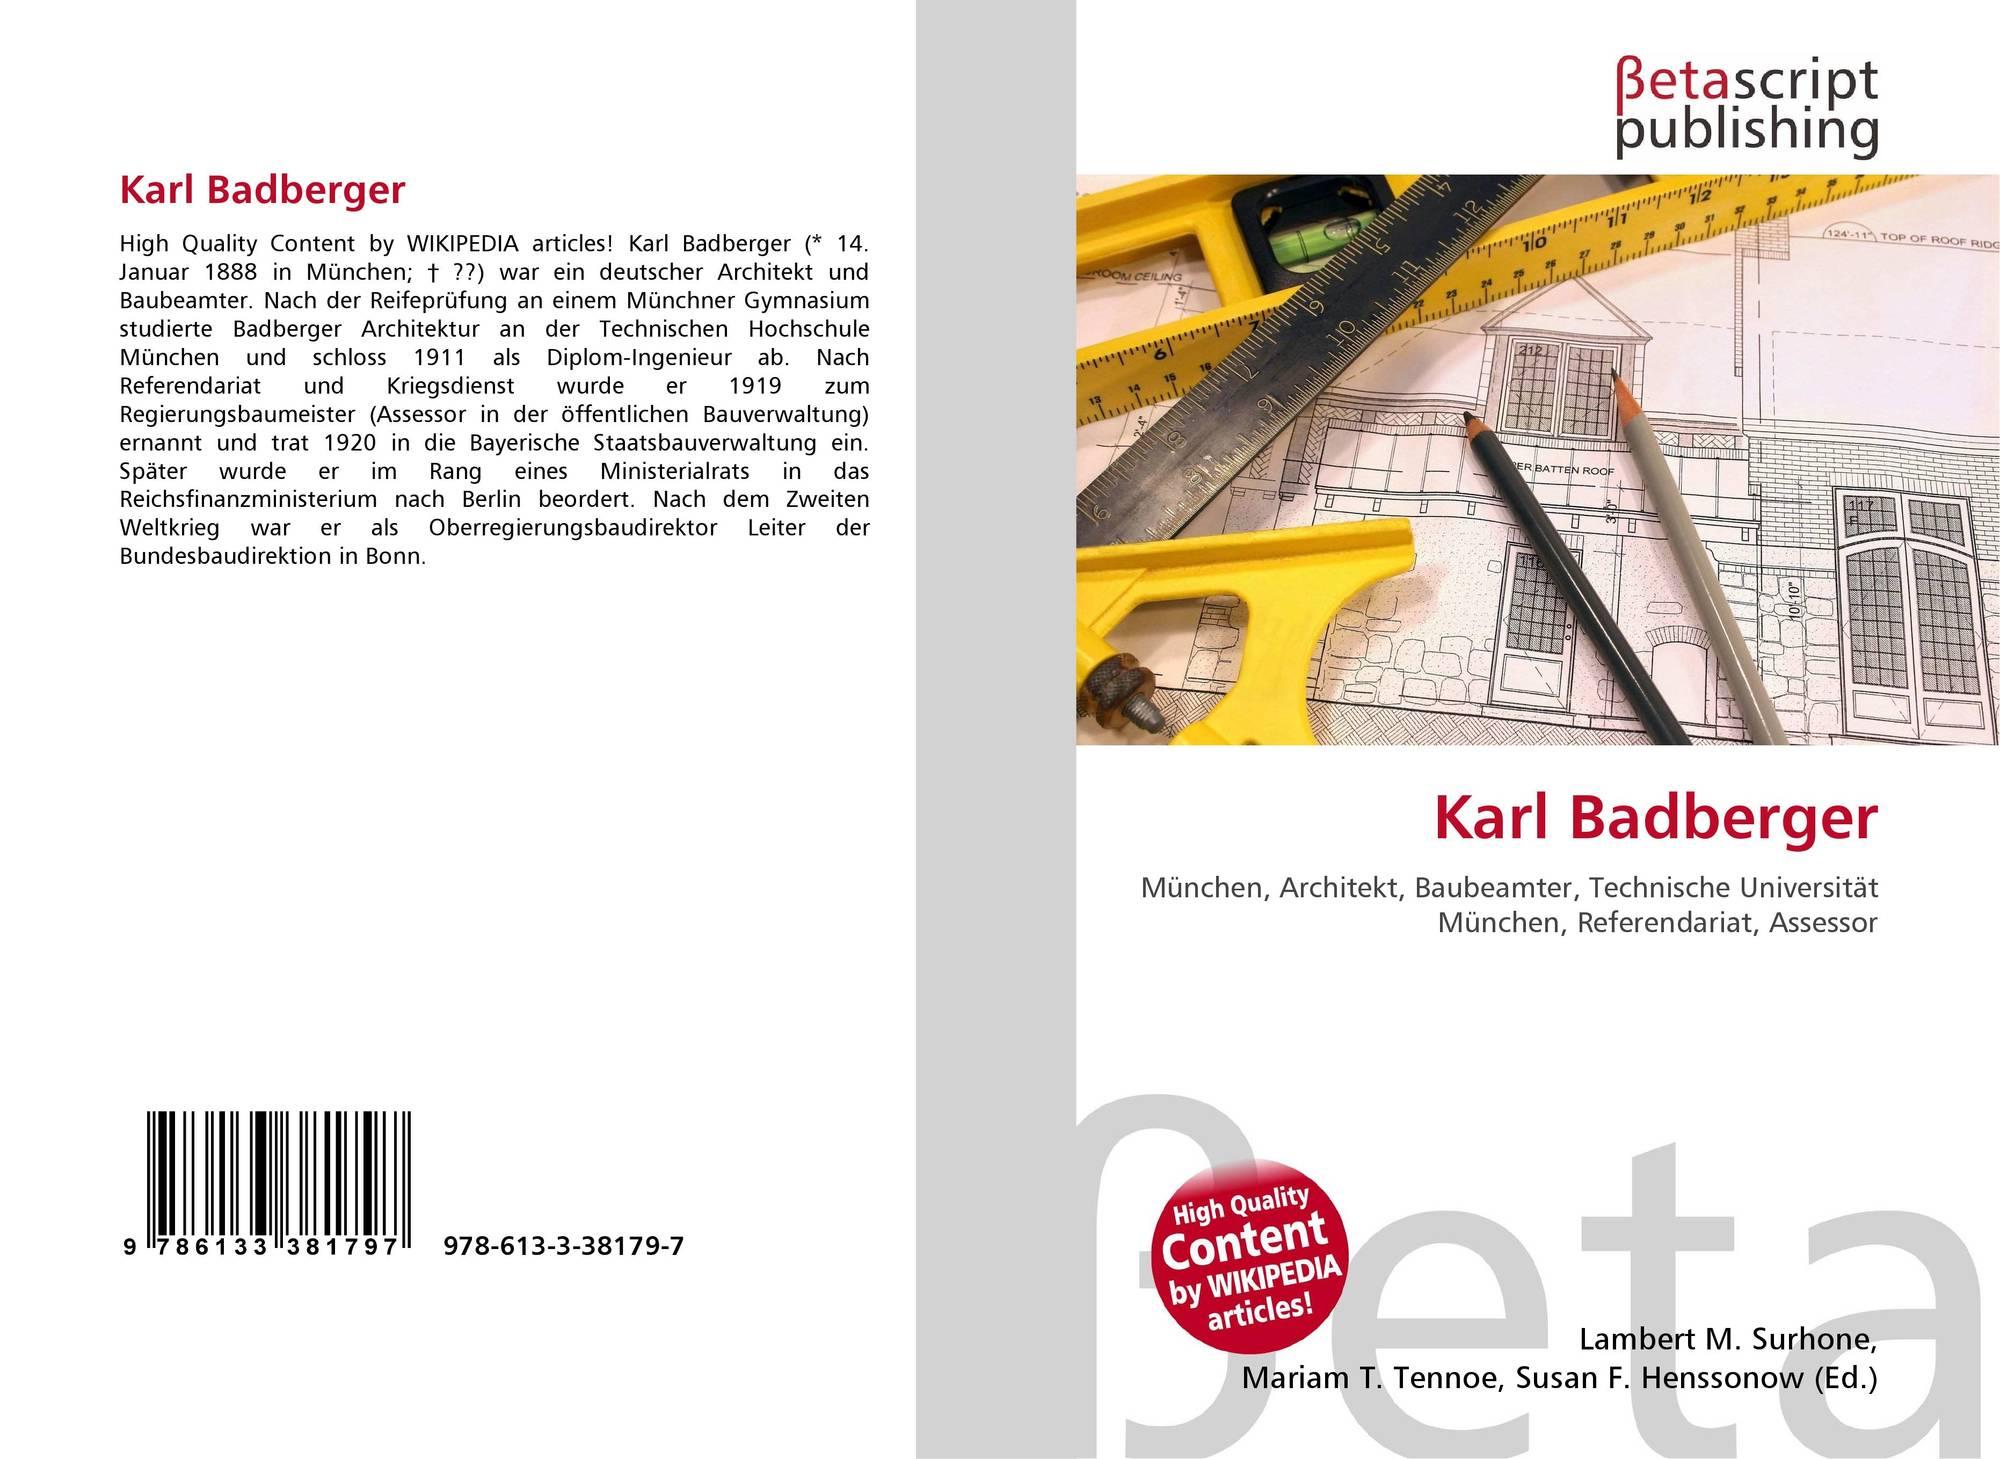 Karl badberger